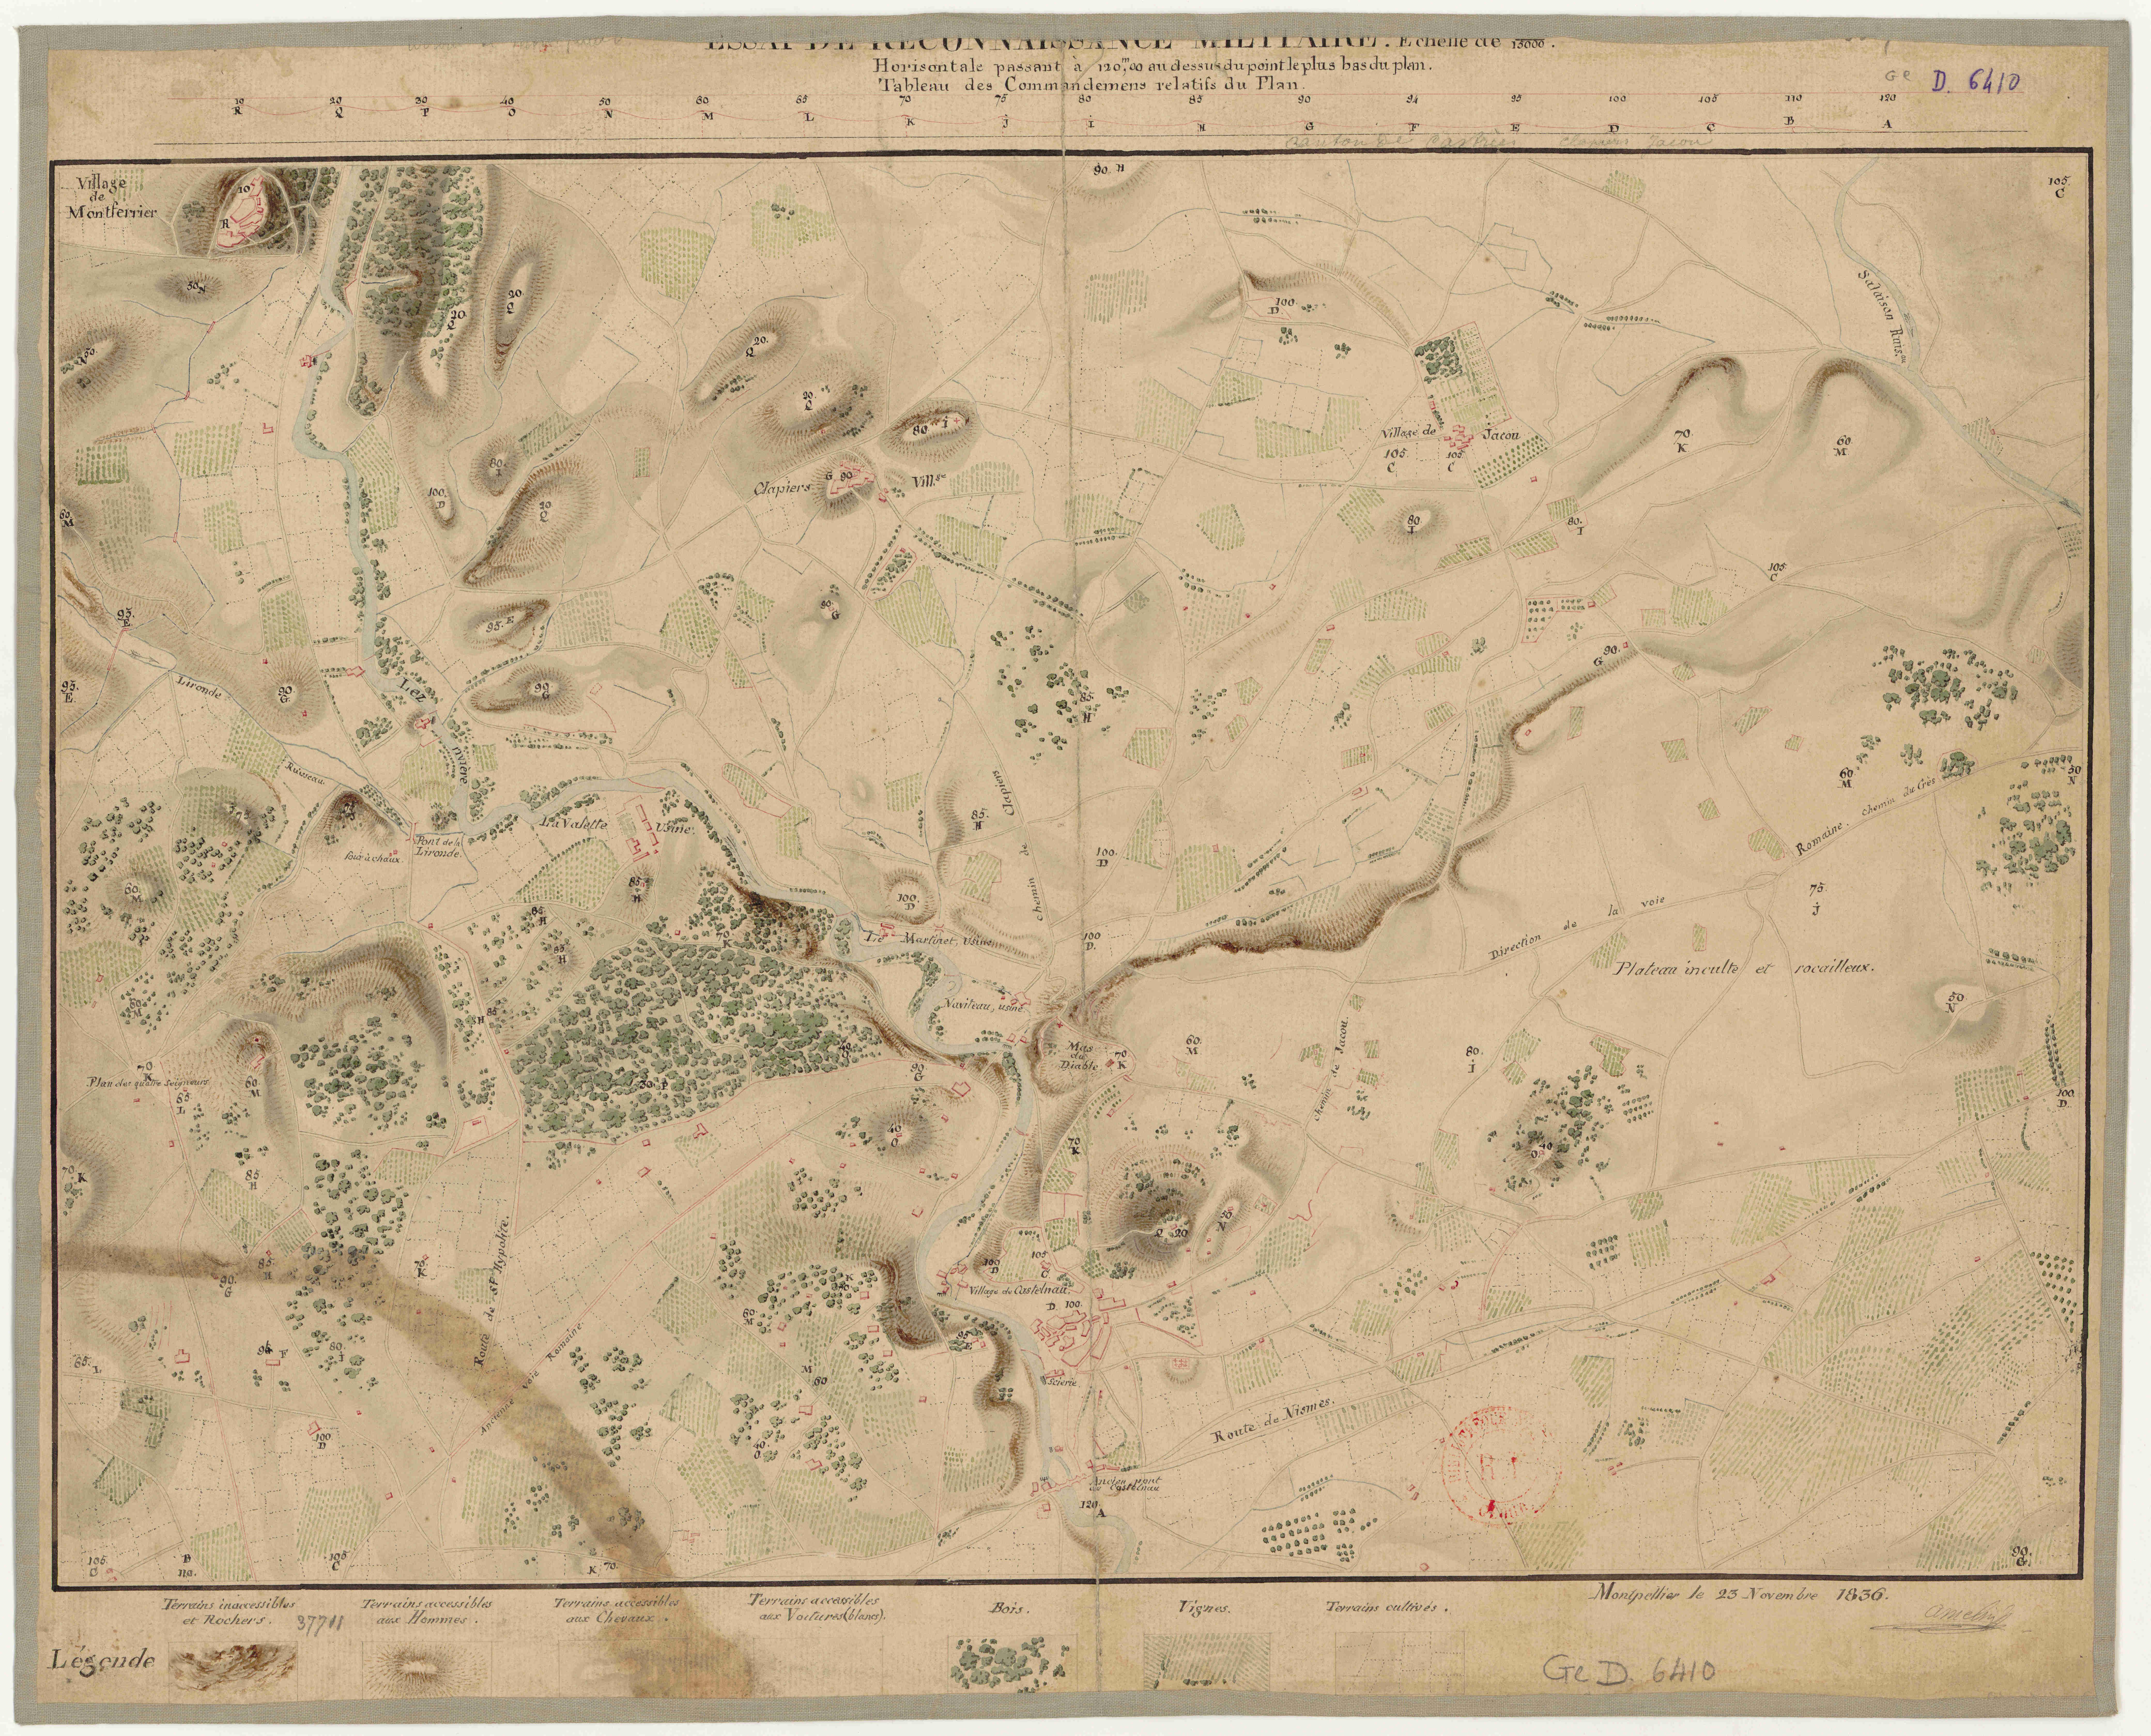 Cartographie ancienne de montpellier ville de montpellier - Journal de montpellier ...